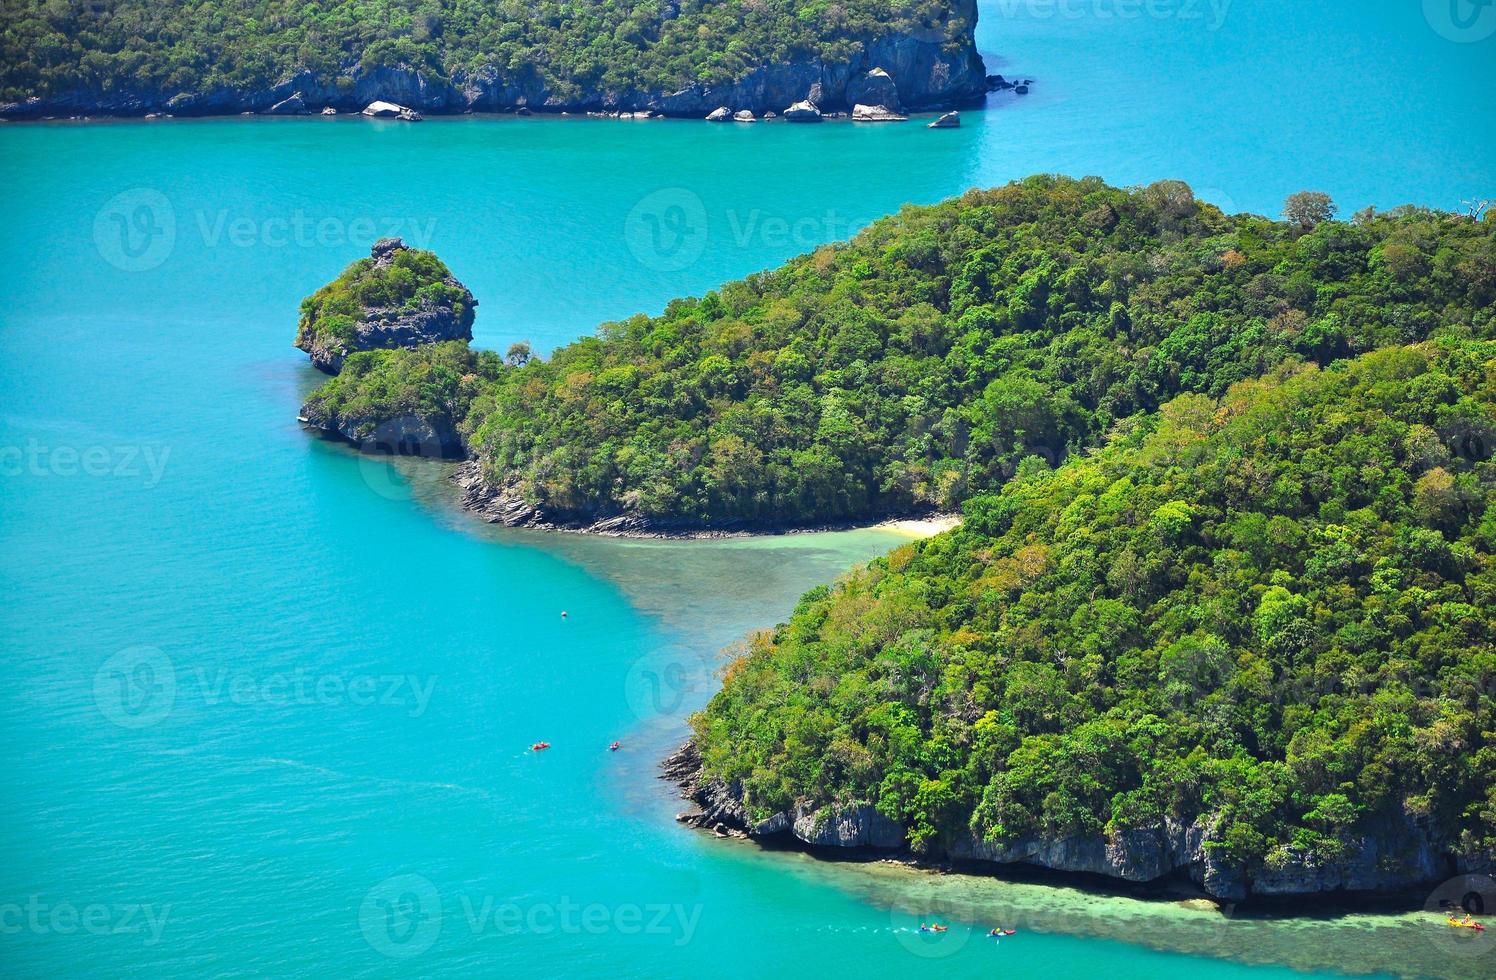 Parc marin national d'Ang Thong, Koh Samui, Thaïlande photo